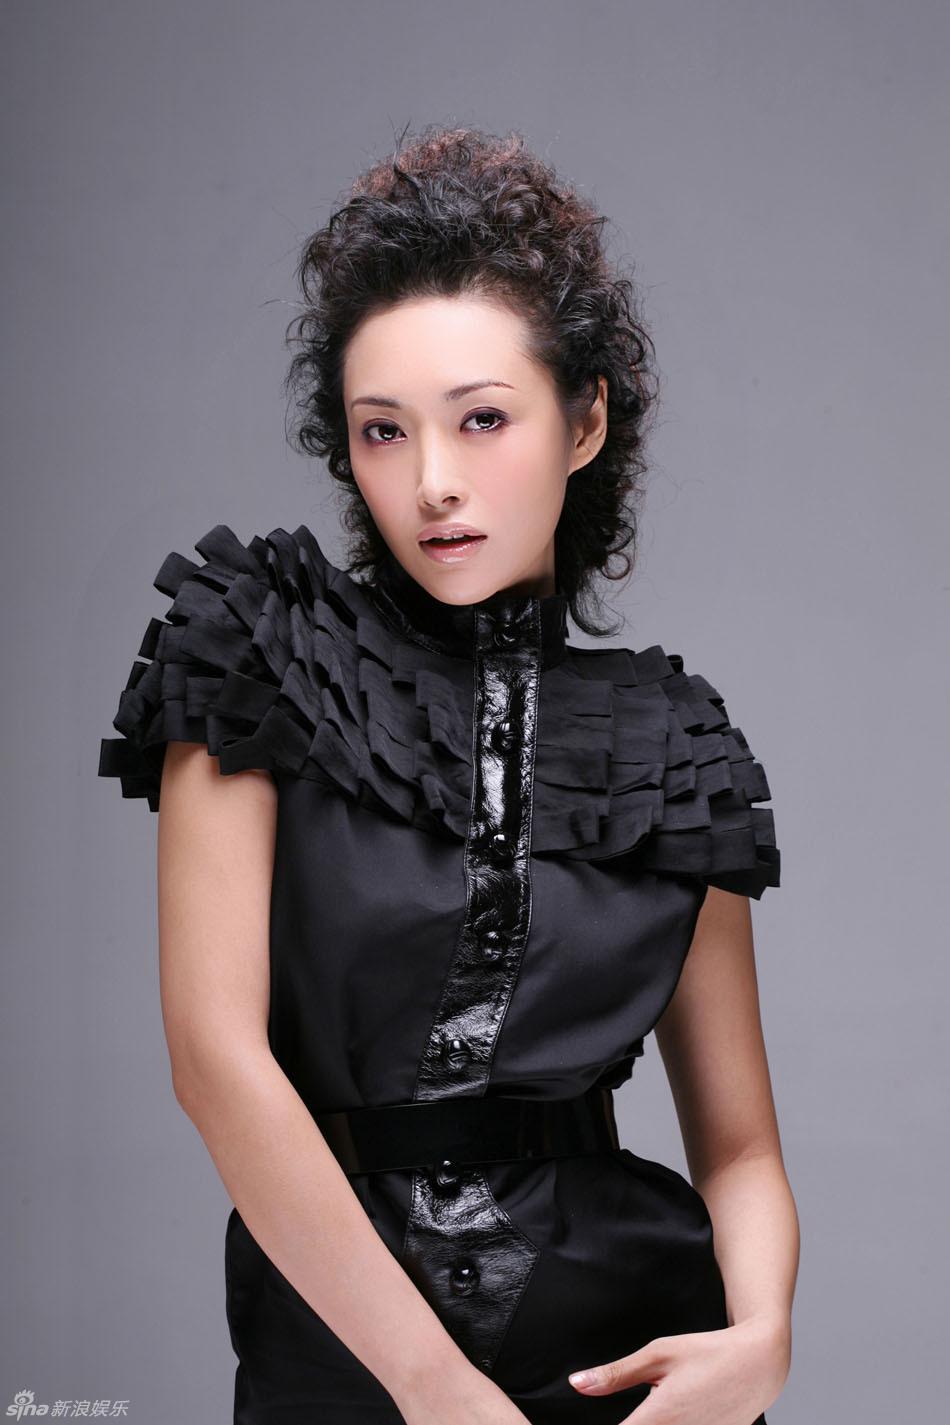 翡翠女王郭金诱惑写真 超短制服很有料